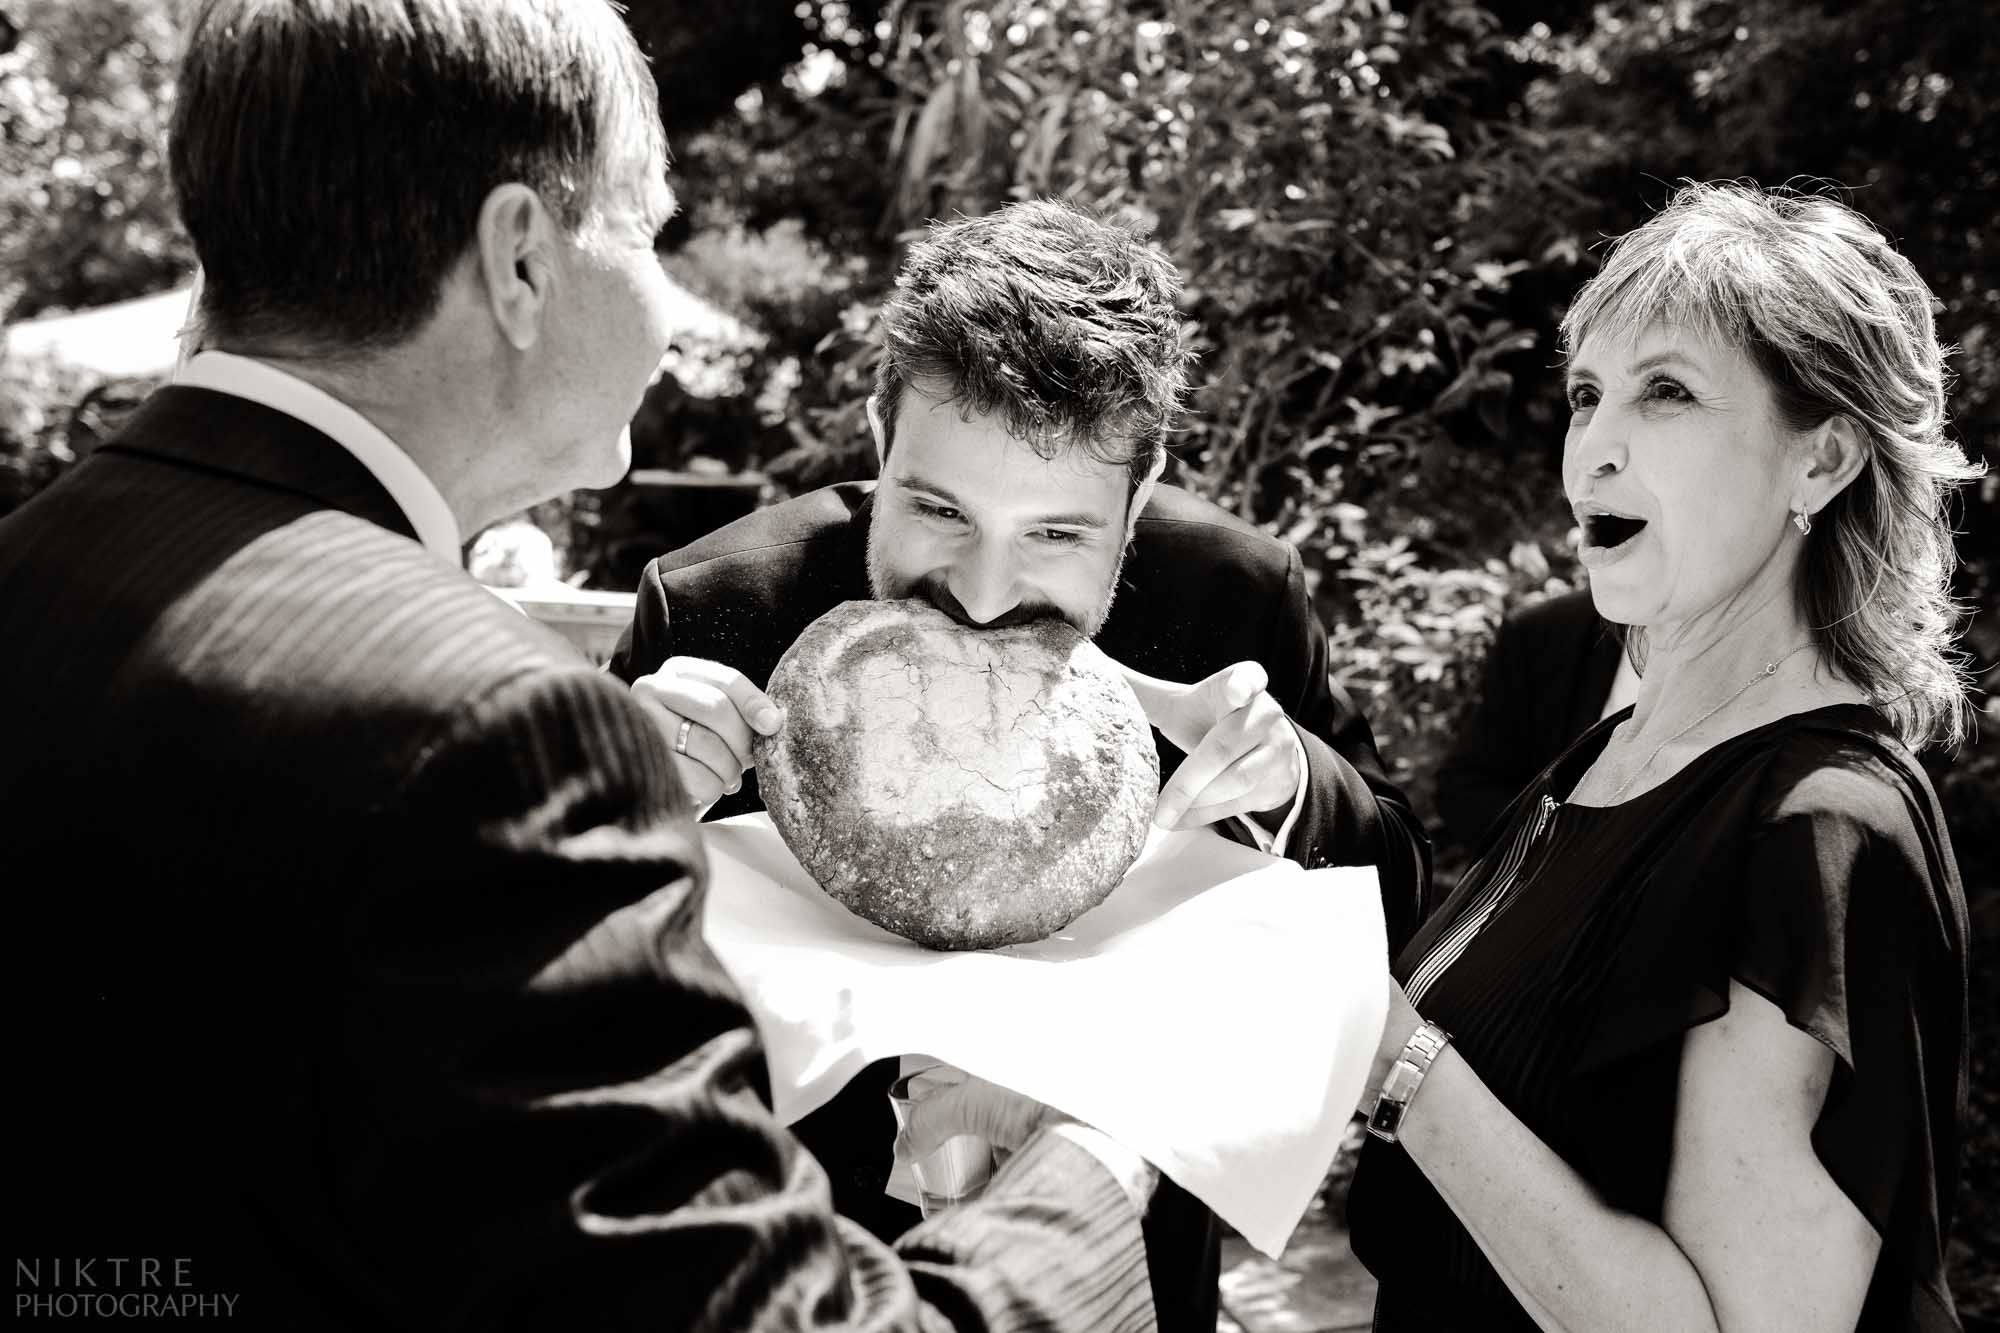 Hochzeitsreportage zeigt Emotionen des Bräutigams beim Abbeißen des Brotes